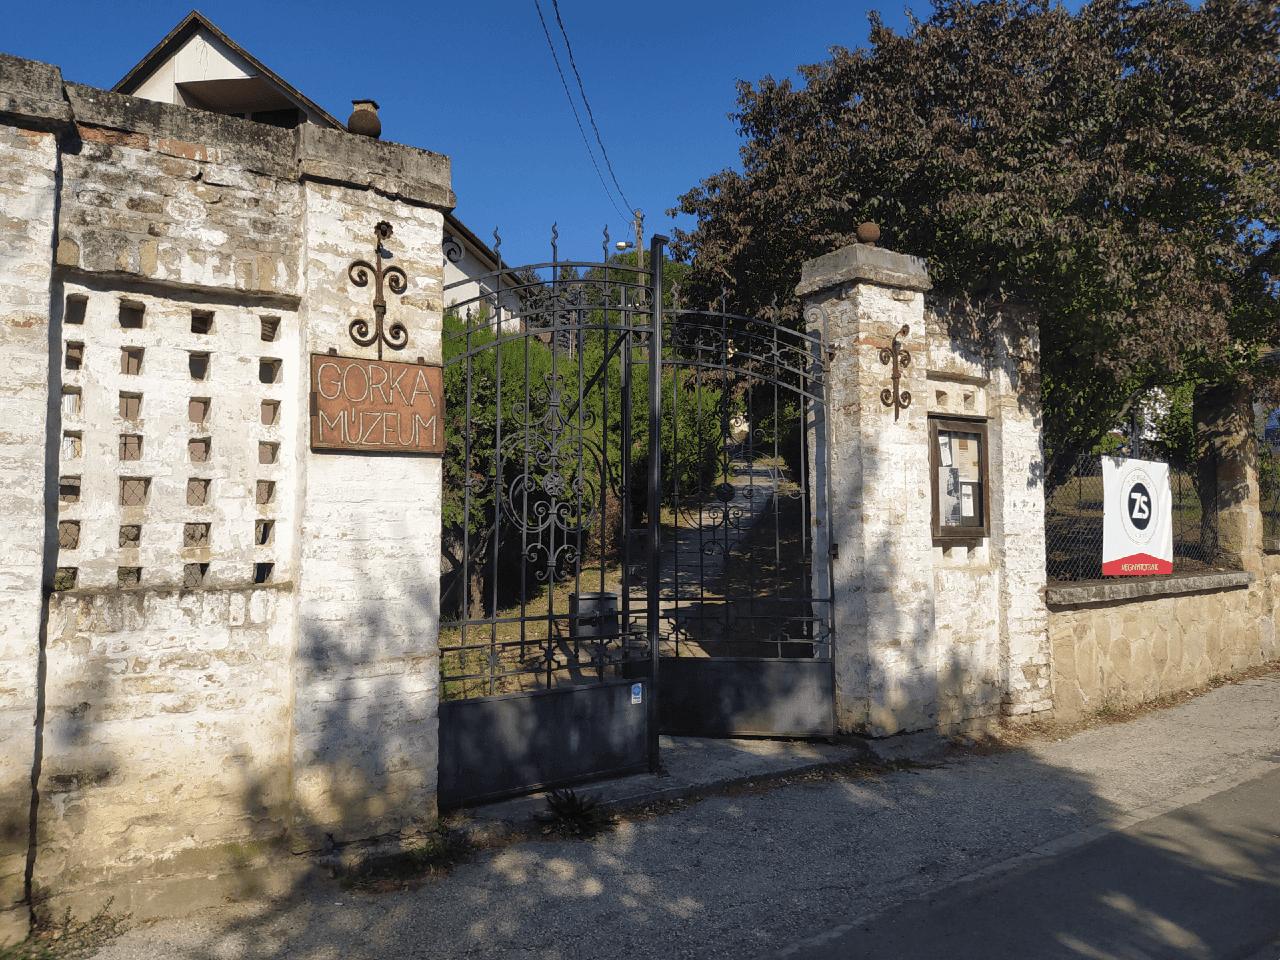 Gorka Kerámiamúzeum